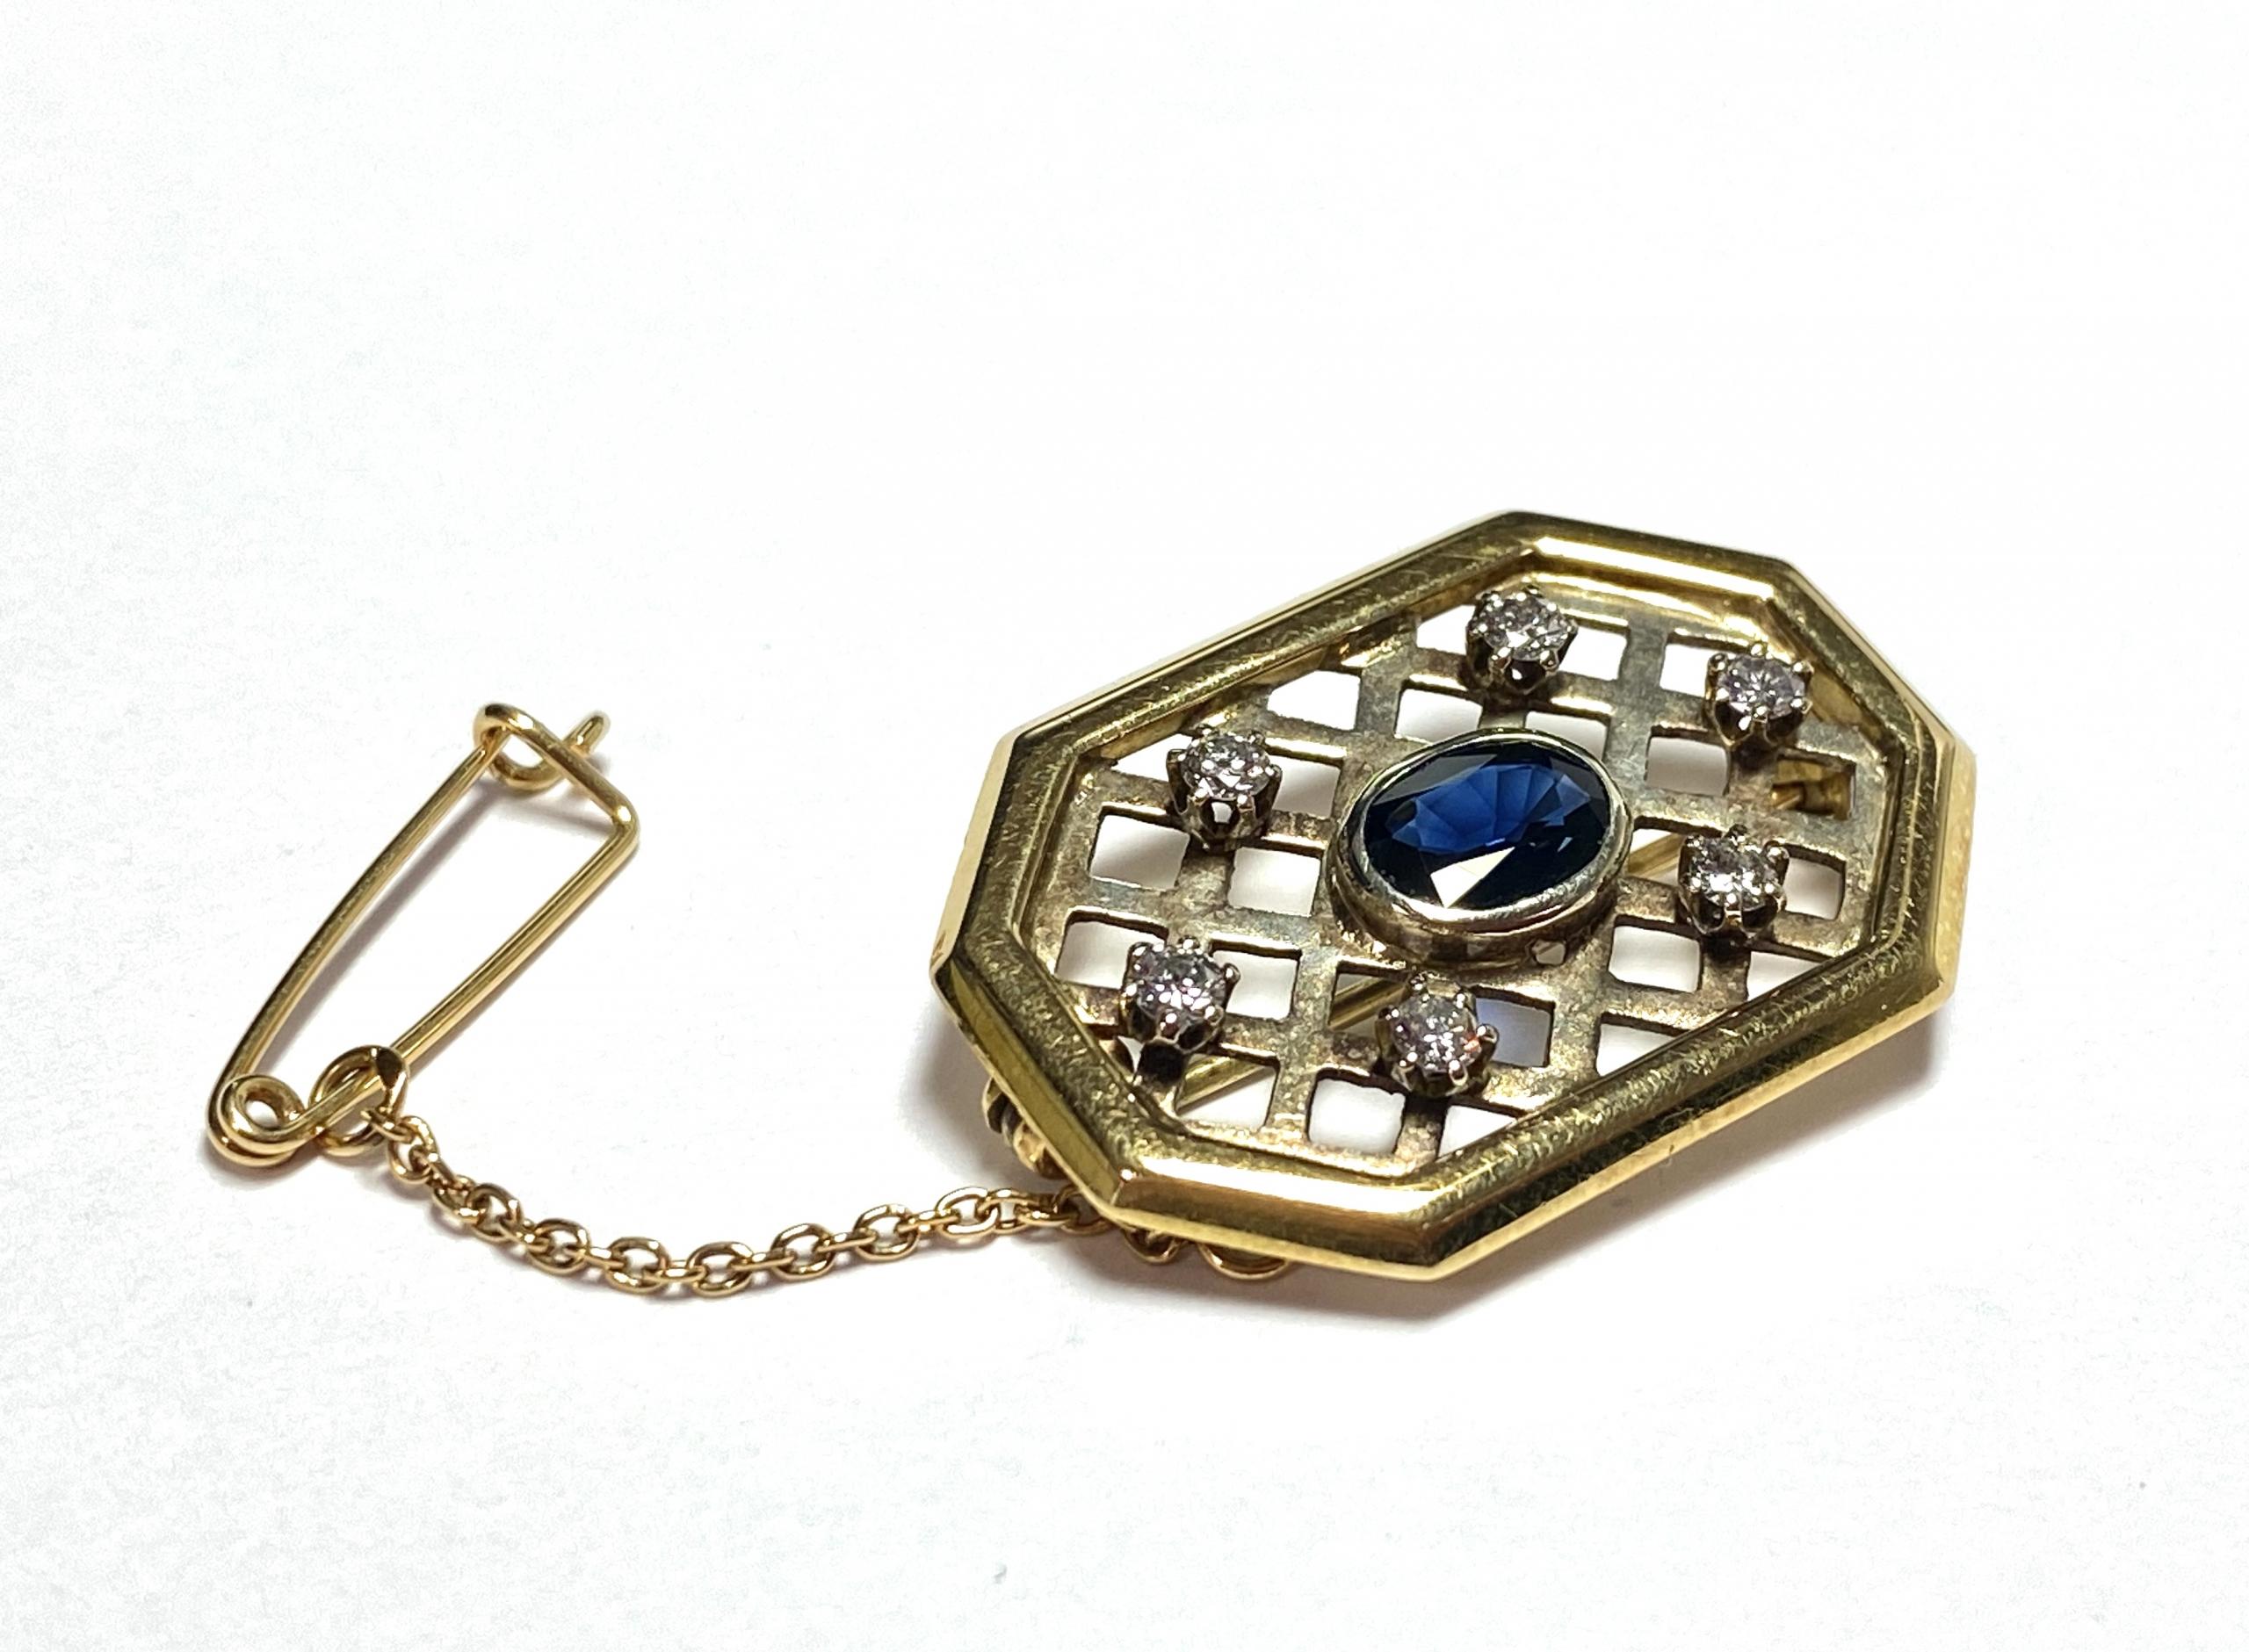 [写真]サファイア、ダイヤモンドのブローチ